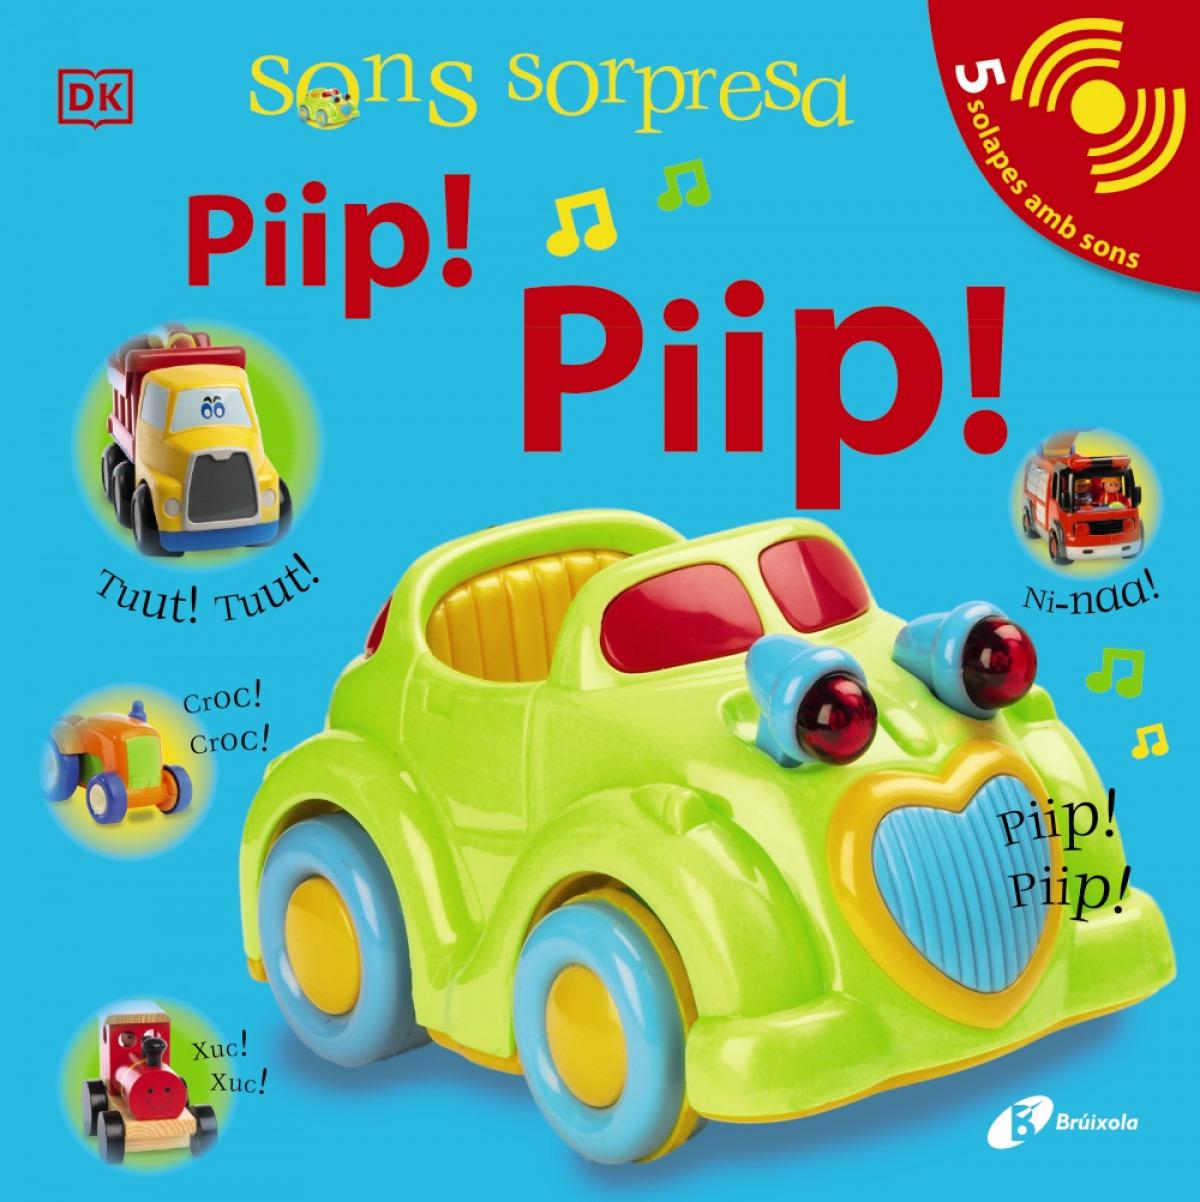 Sons sorpresa - Piip! Piip!